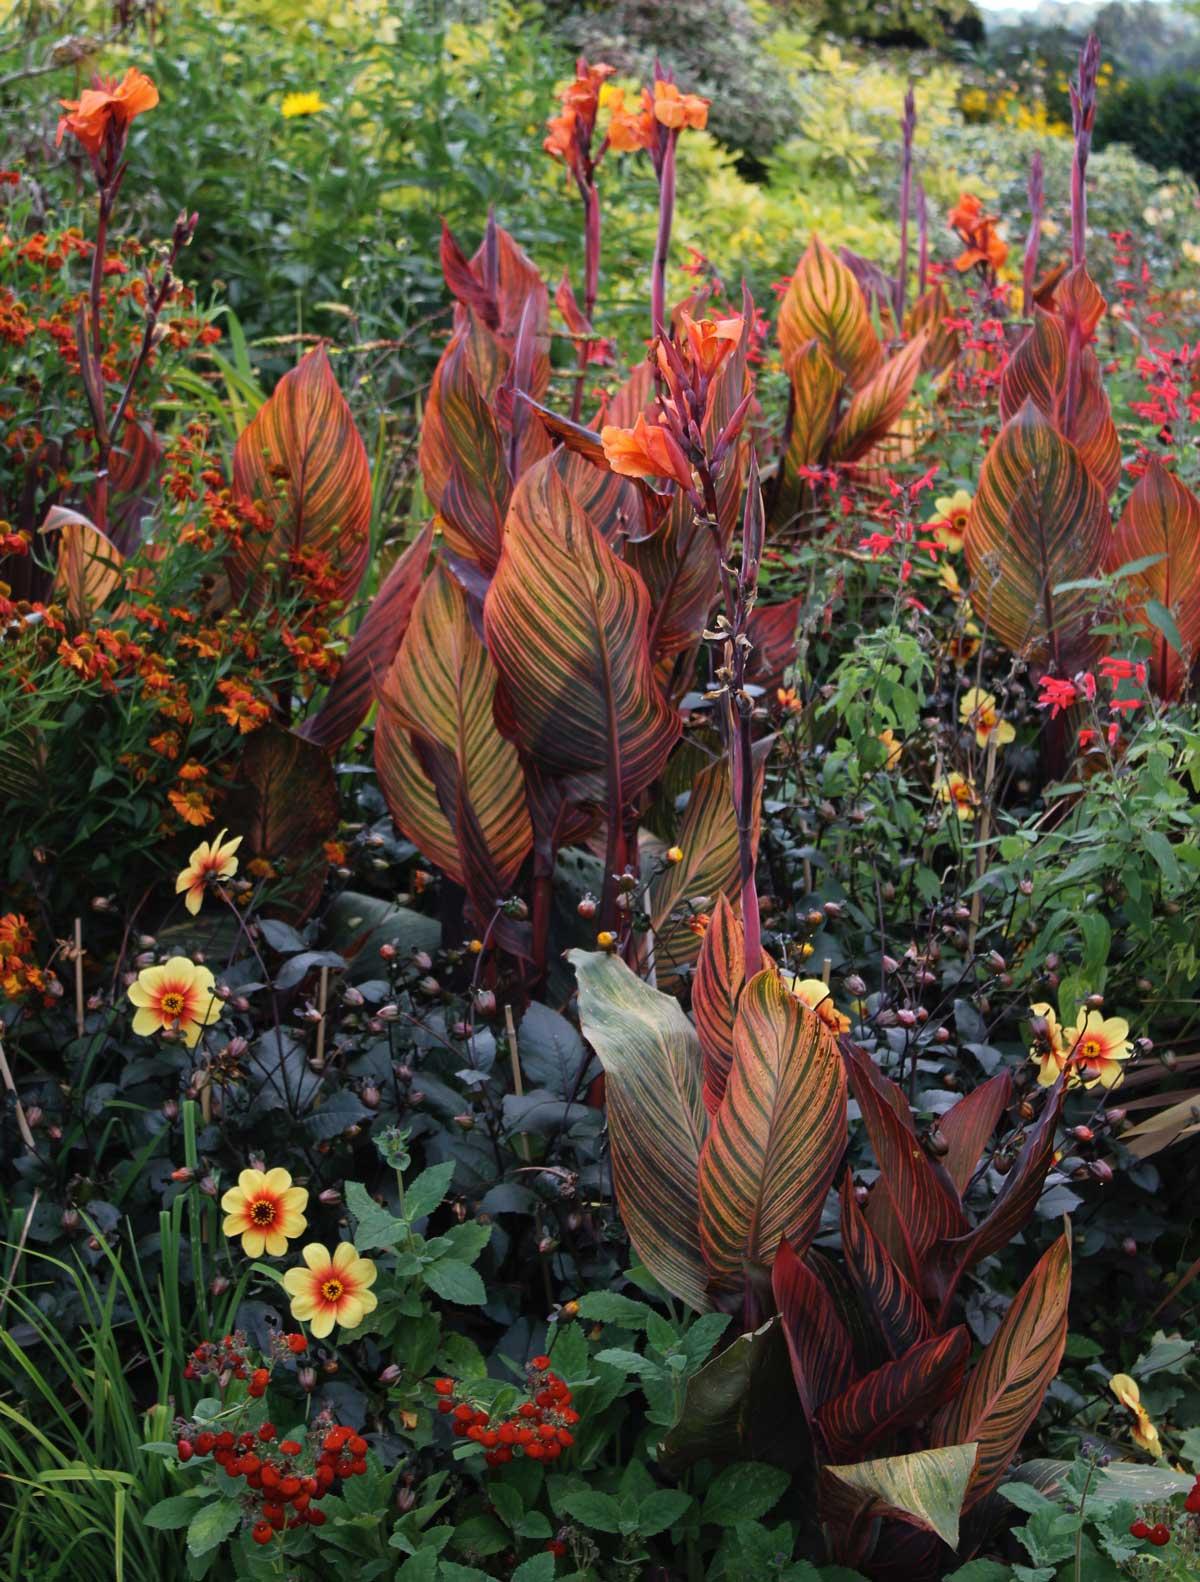 tropicanna-in-perennial-garden-1.jpg